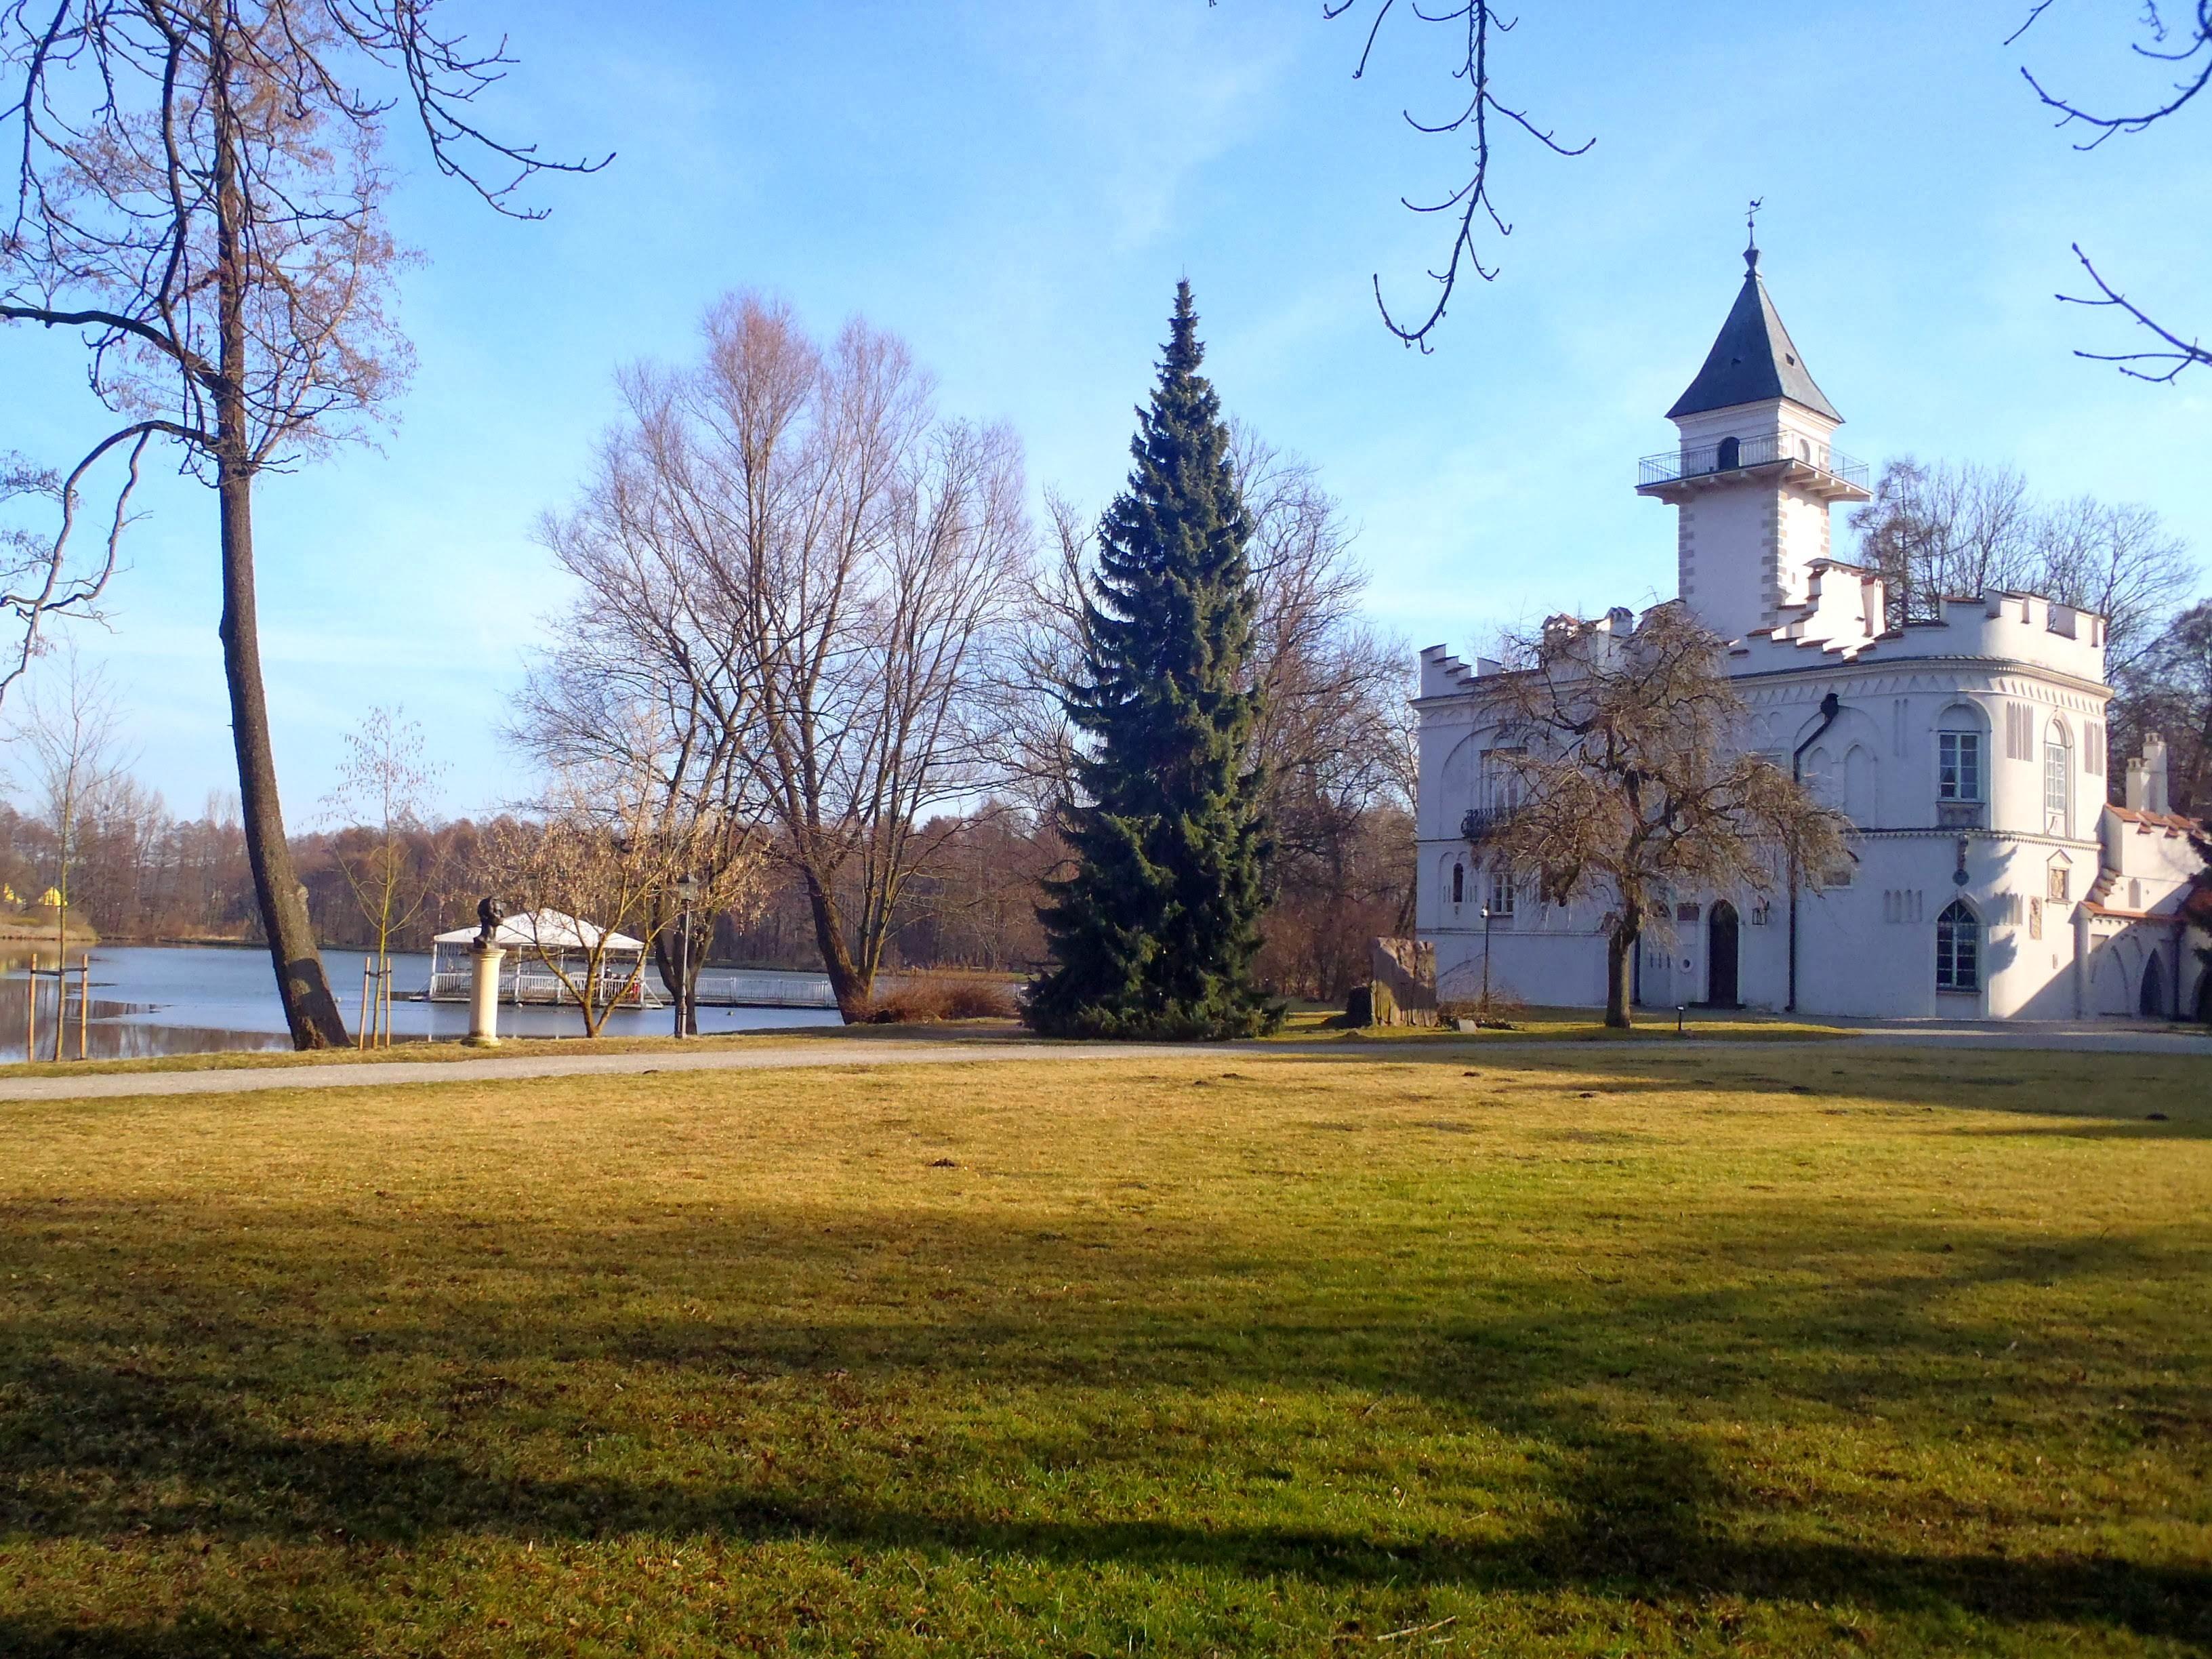 28.03.2021 Radziejowice - Podkowa Leśna